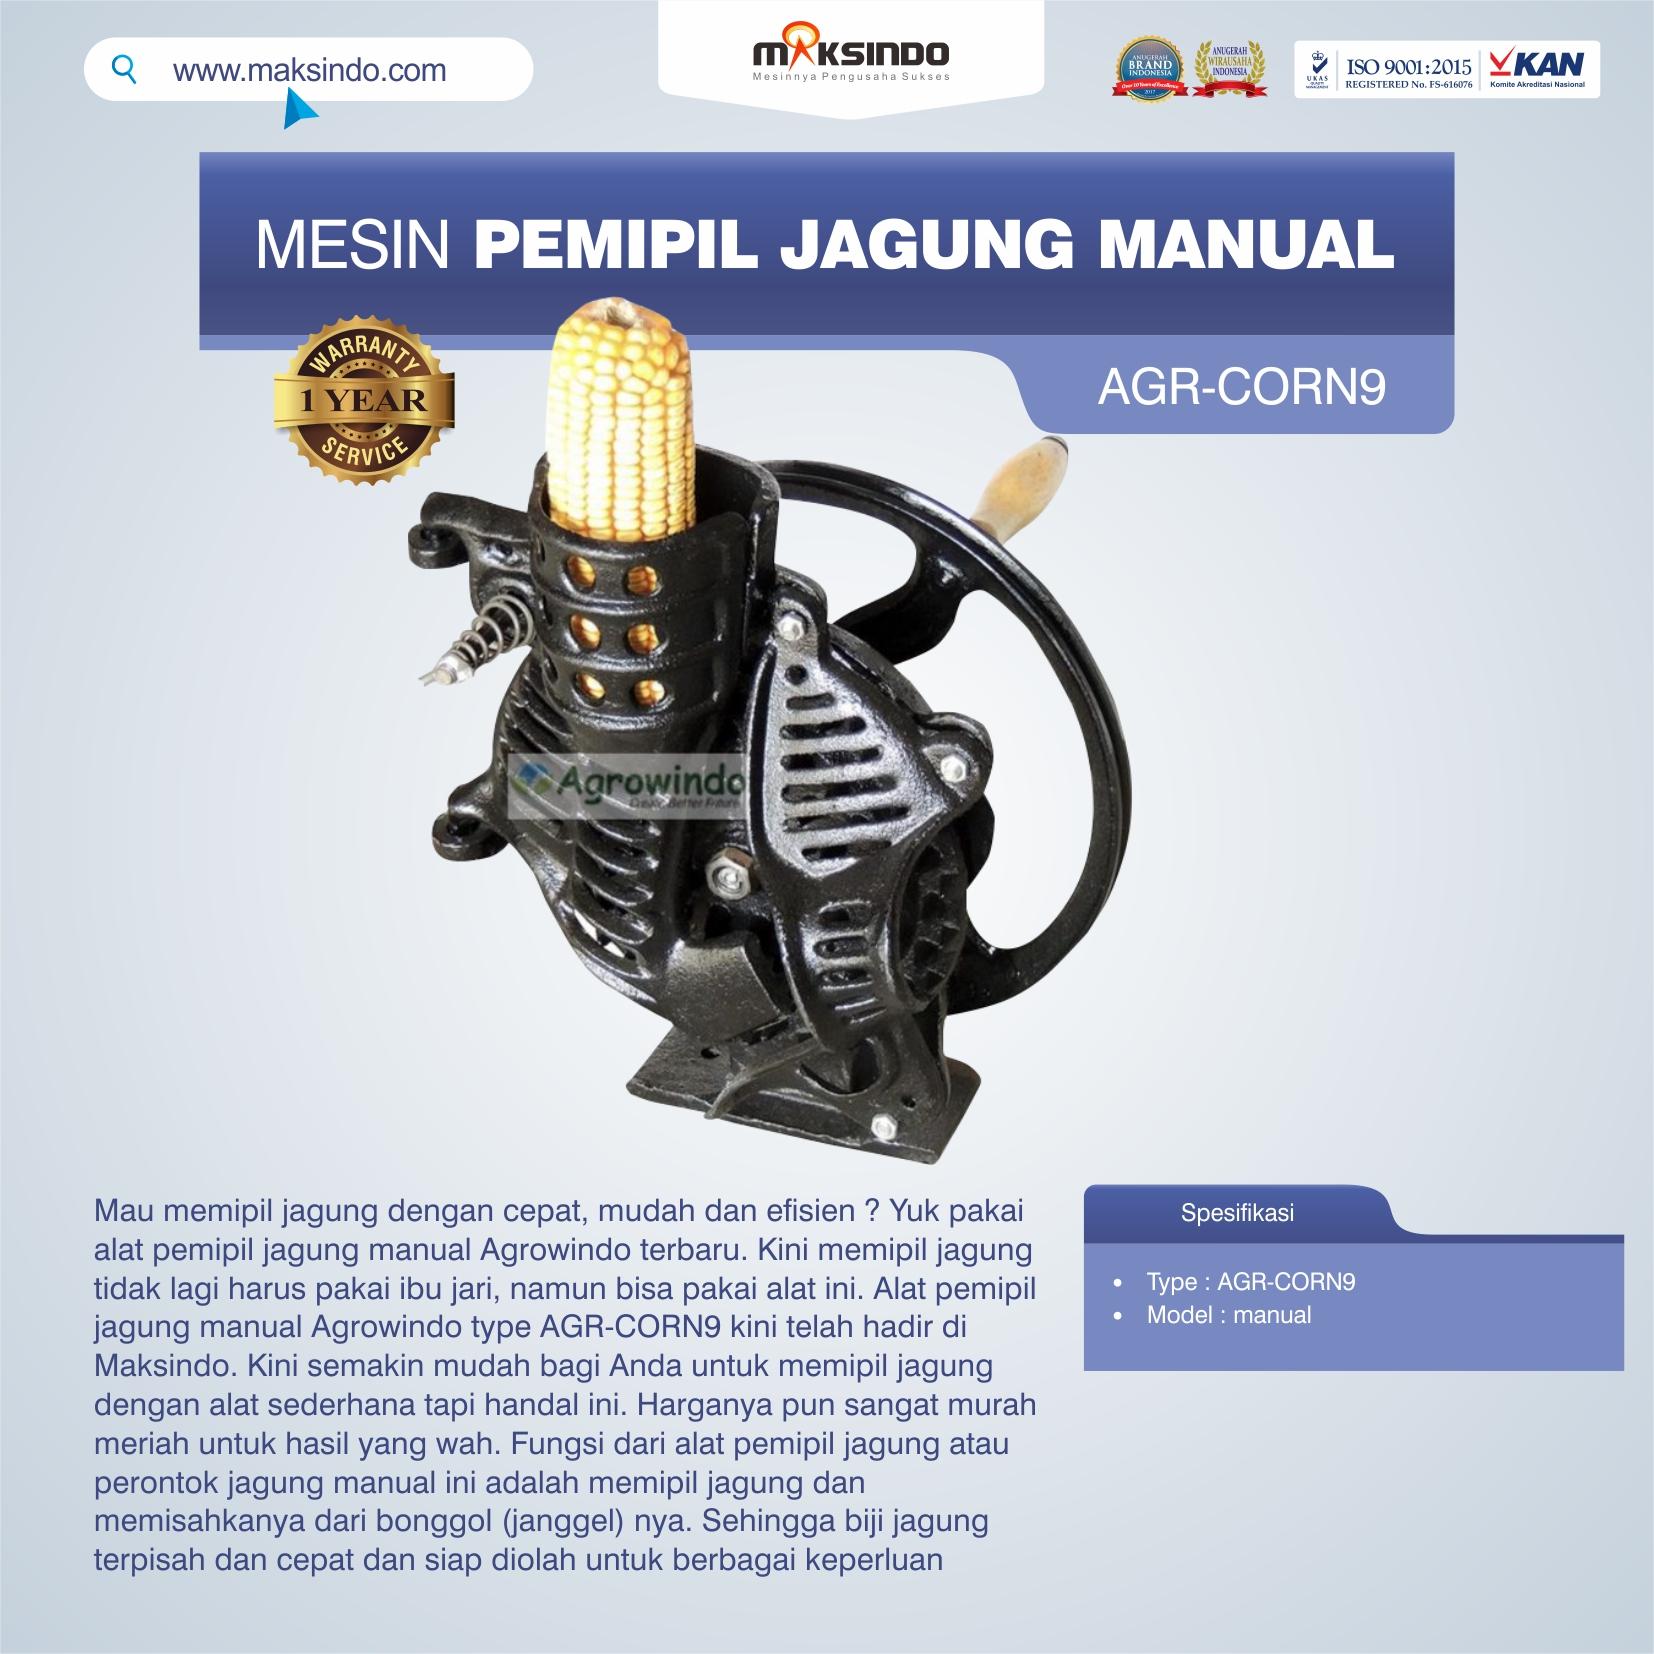 Jual Alat Pemipil Jagung Manual Agrowindo AGR-CORN9 di Makassar